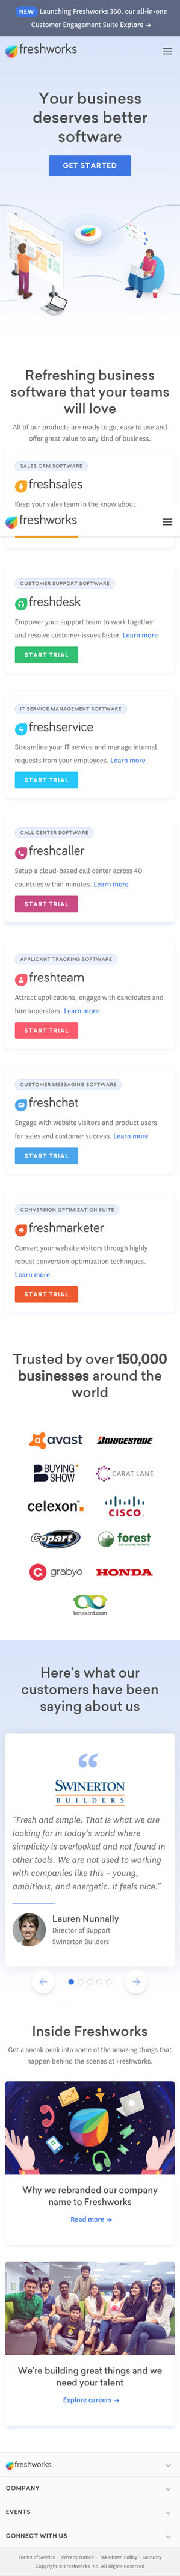 freshworks_mobile.jpg